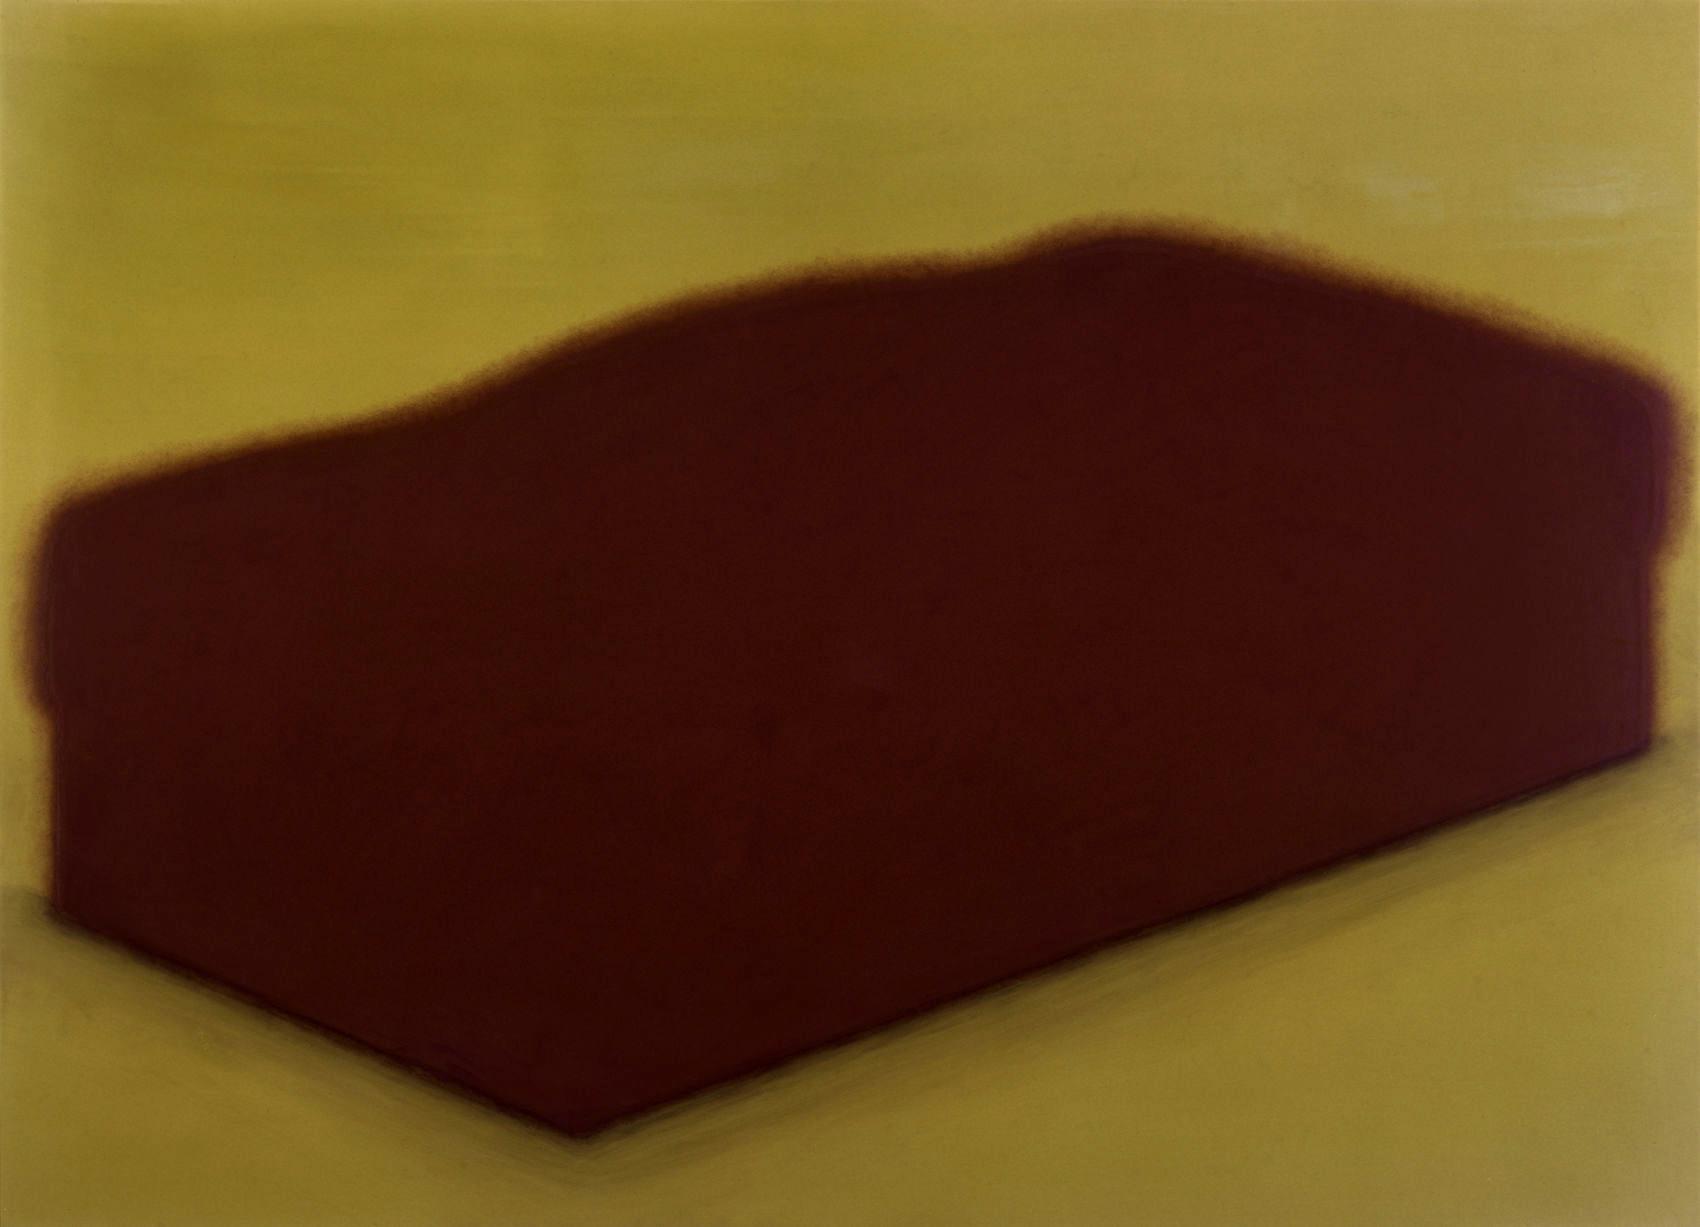 Lit, 1996, peinture alkyde sur Aerolam, 123  x 163 cm